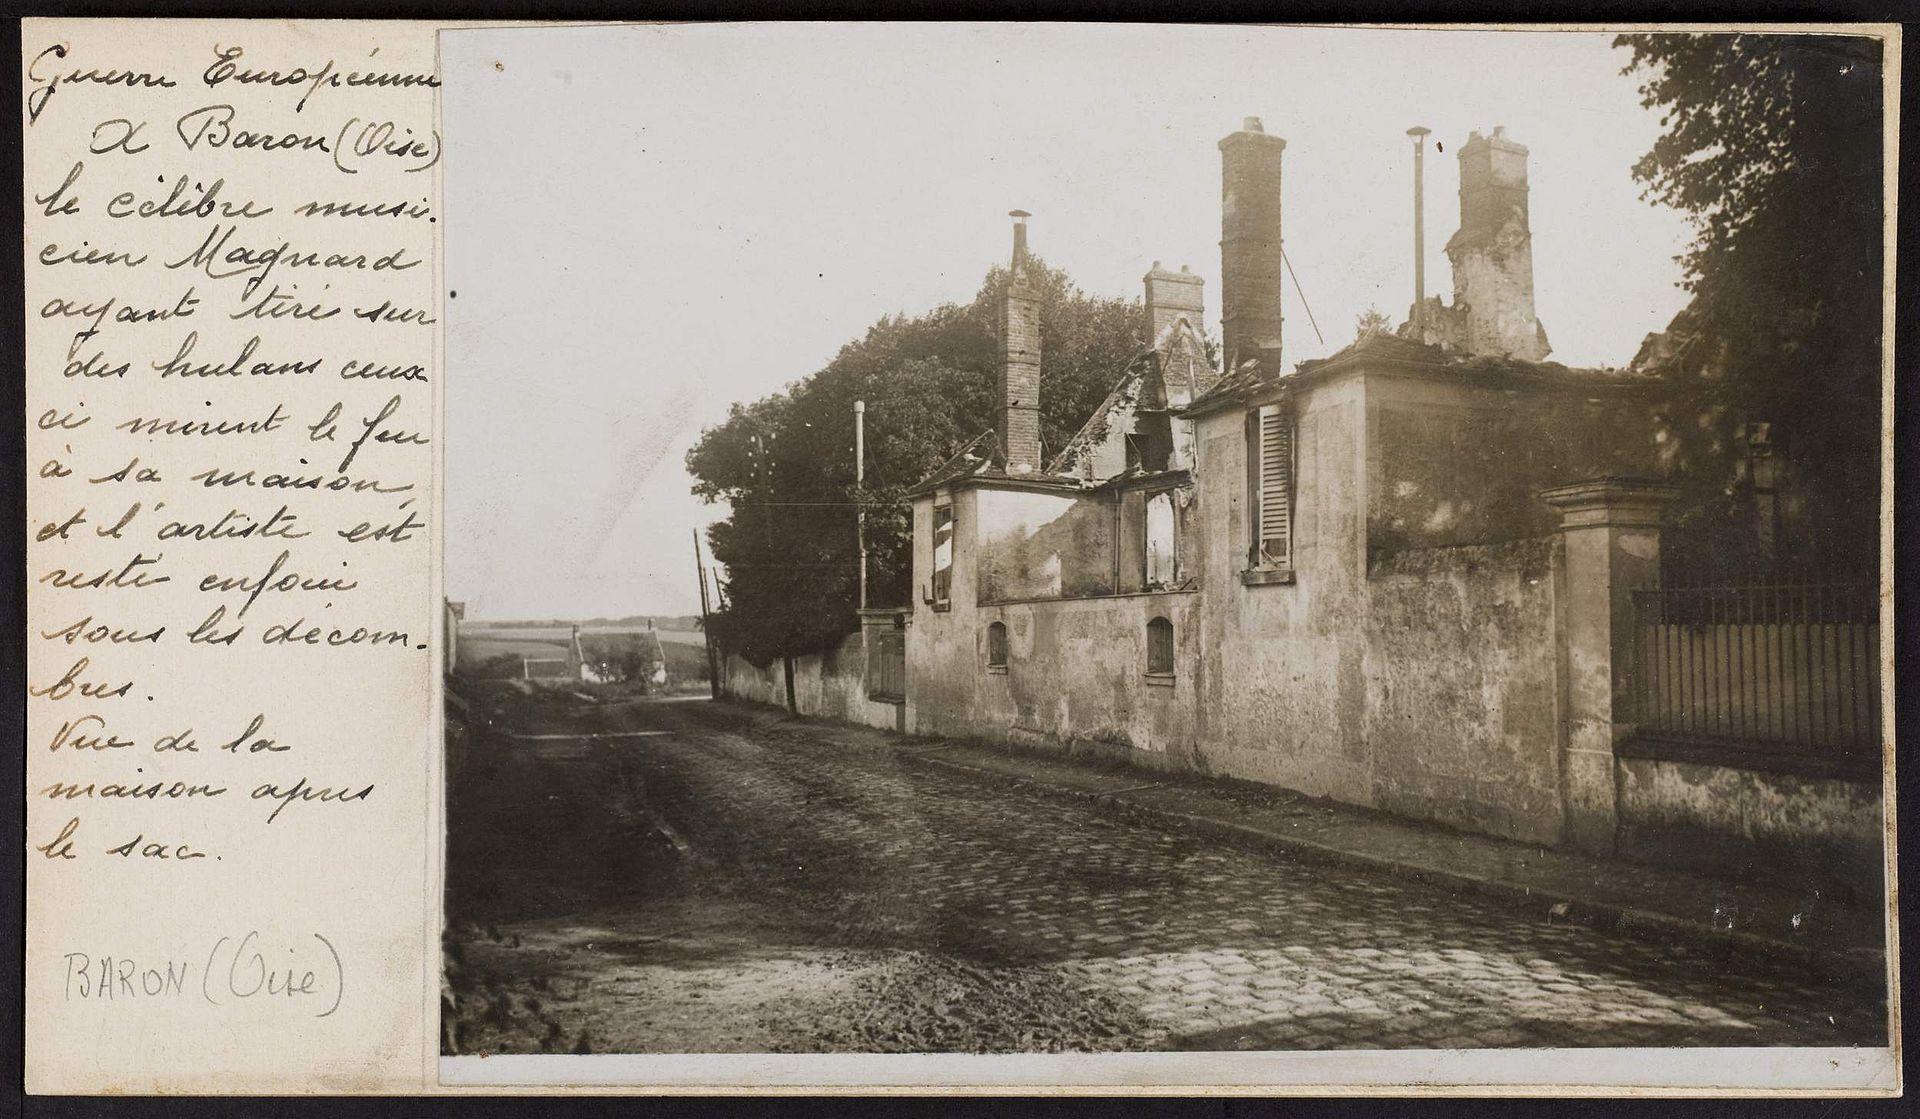 Les ruines du manoir d'Albéric Magnard à Baron dans l'Oise